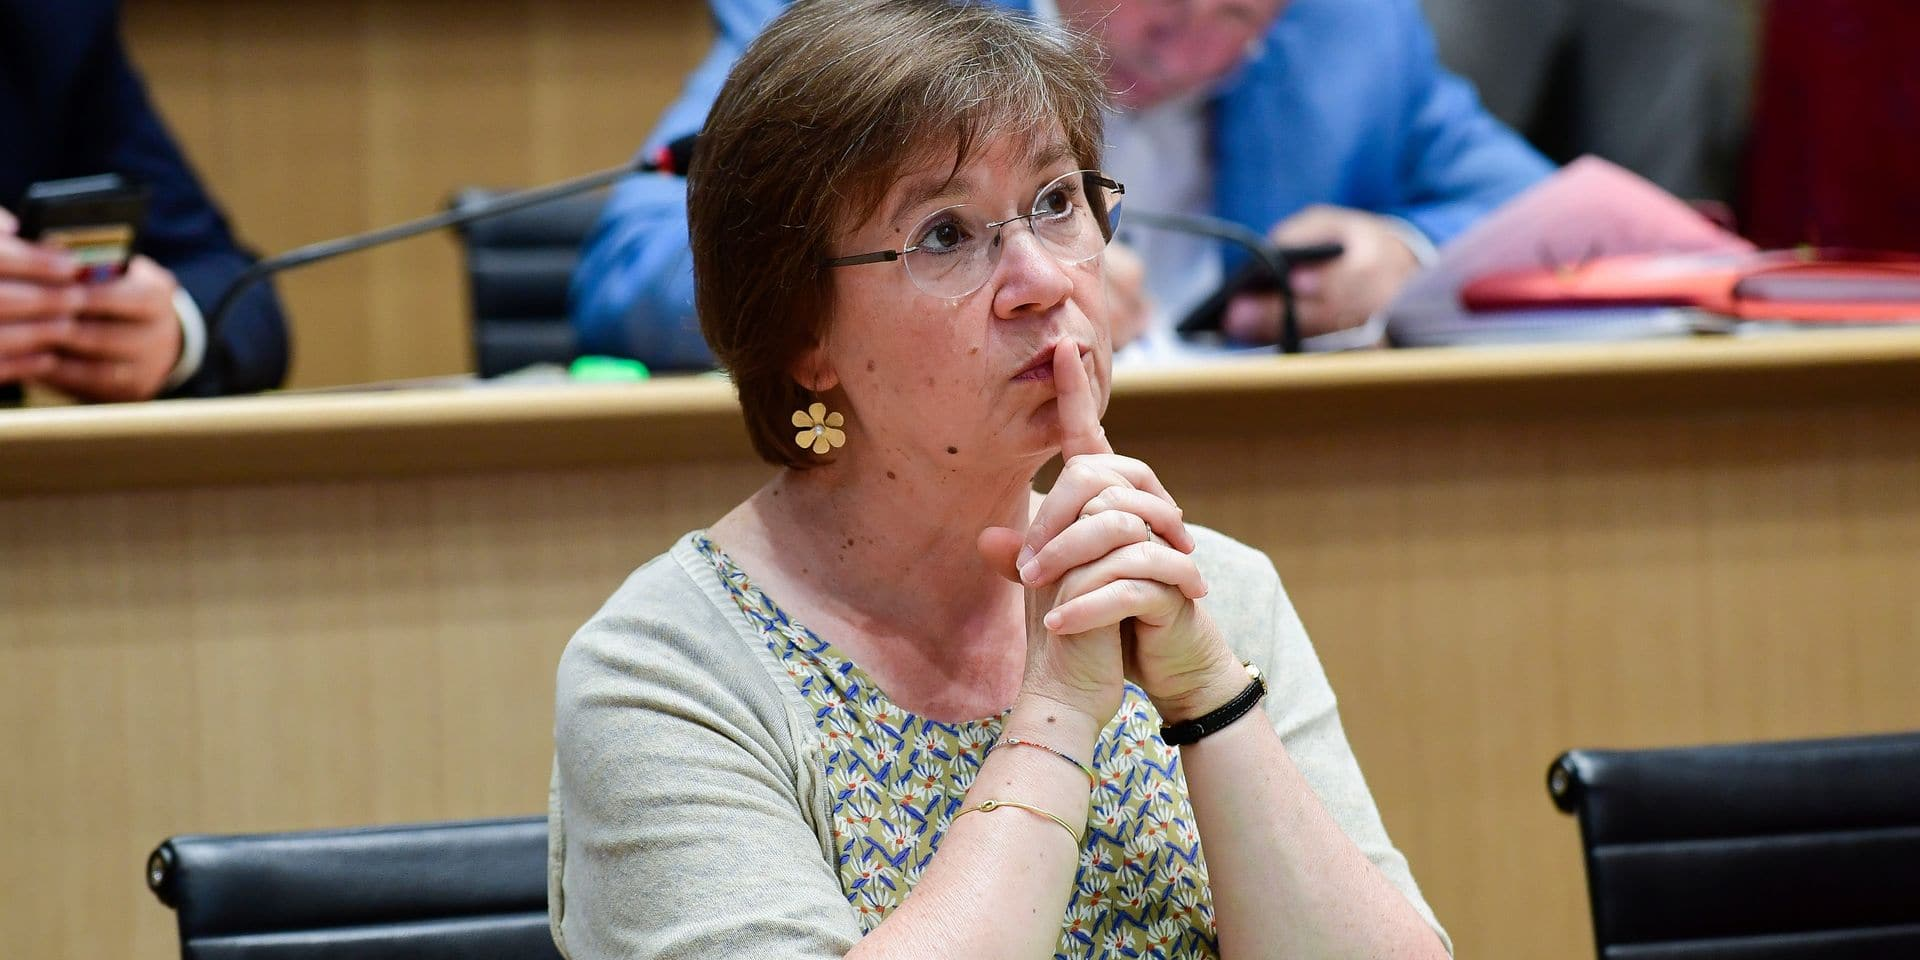 Imbroglio belgo-belge sur le défraiement des réunions culturelles en FWB